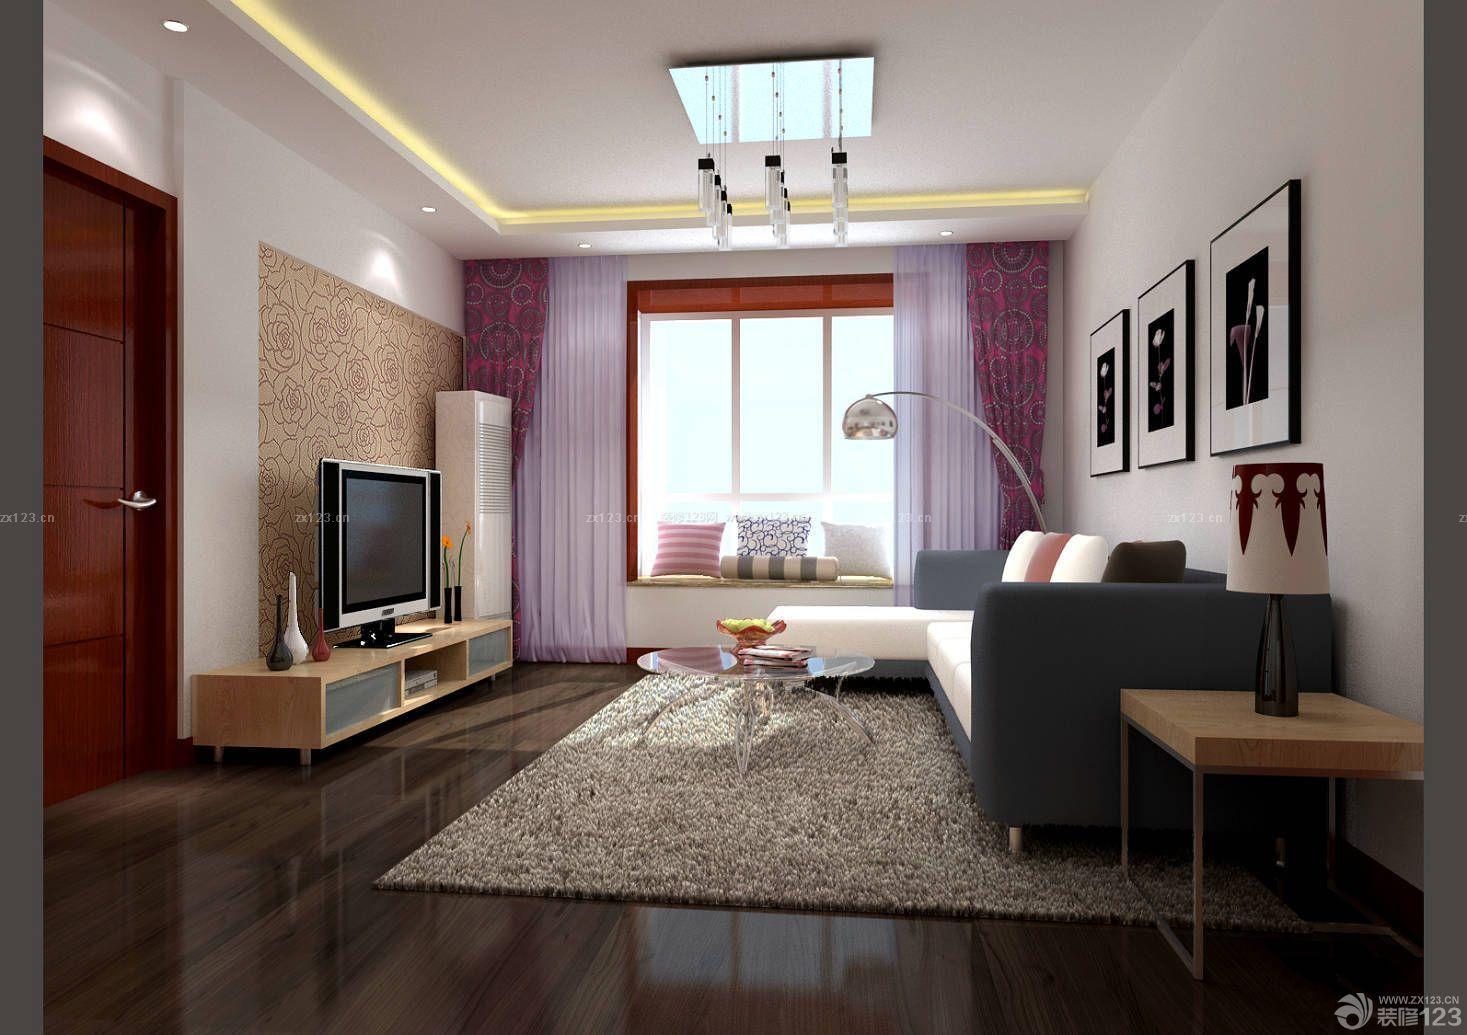 80平米小户型客厅壁纸电视背景墙装修效果图